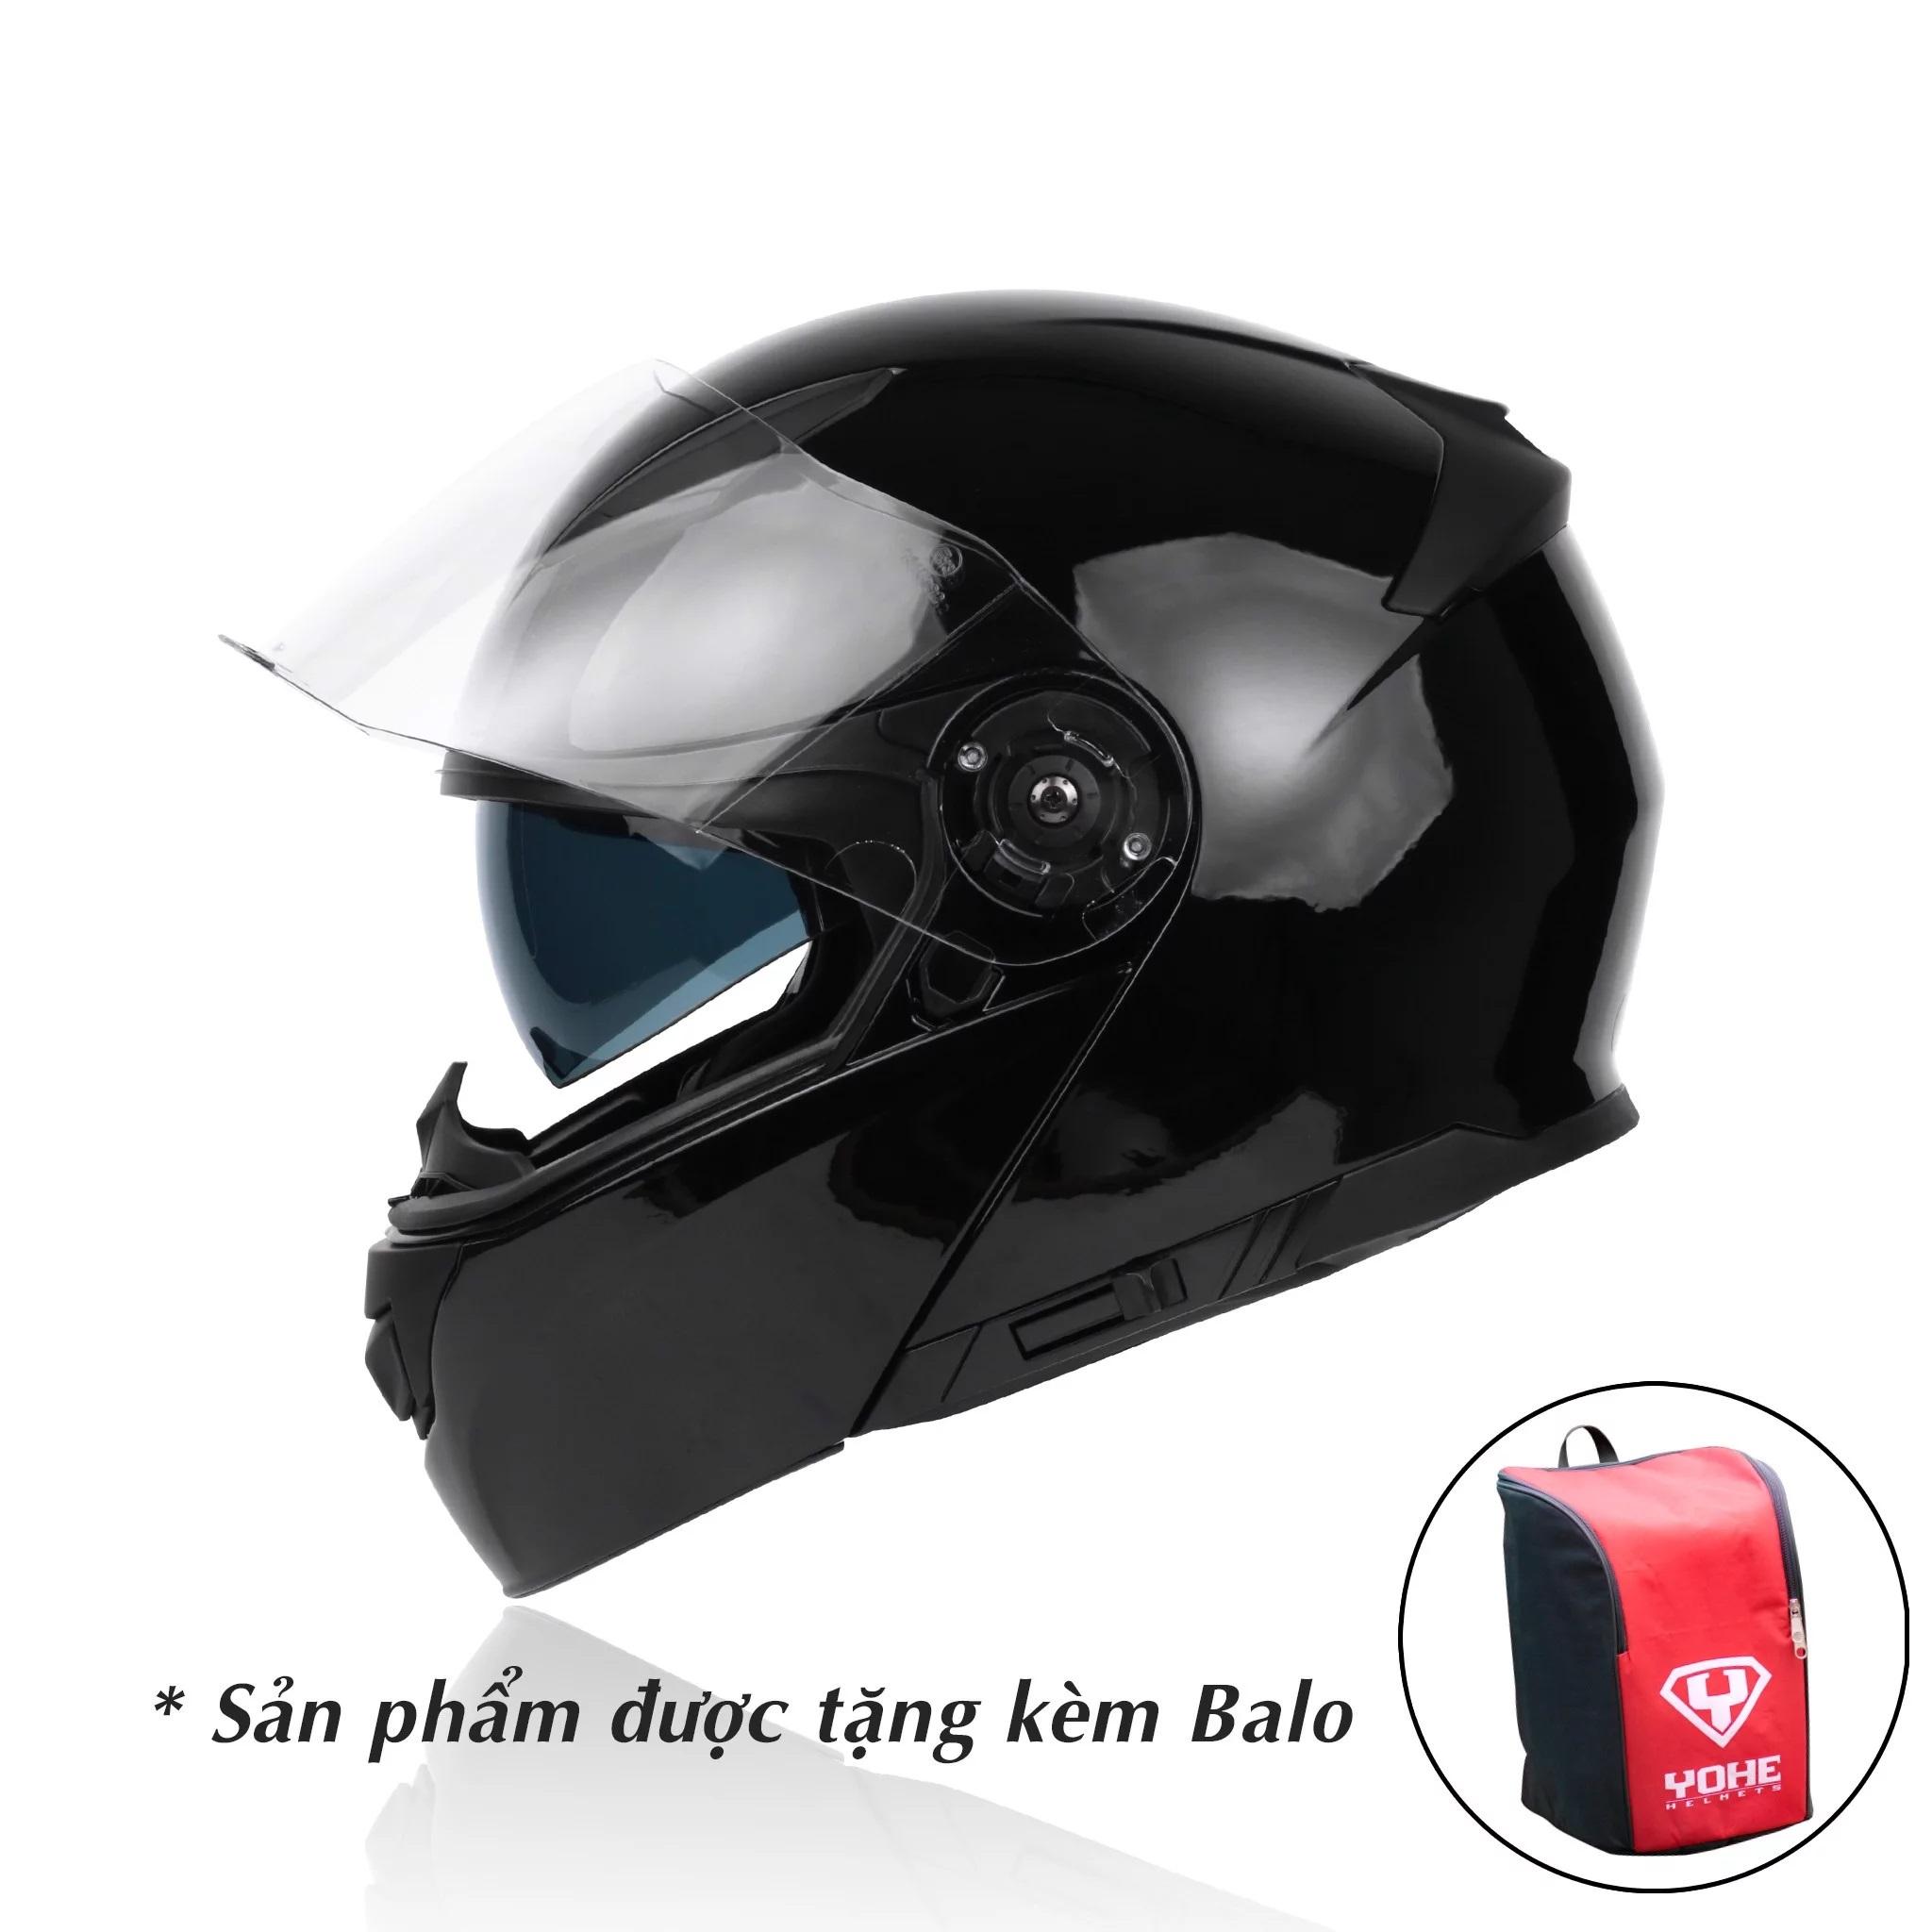 Mũ bảo hiểm Fullface YOHE 950 lật hàm